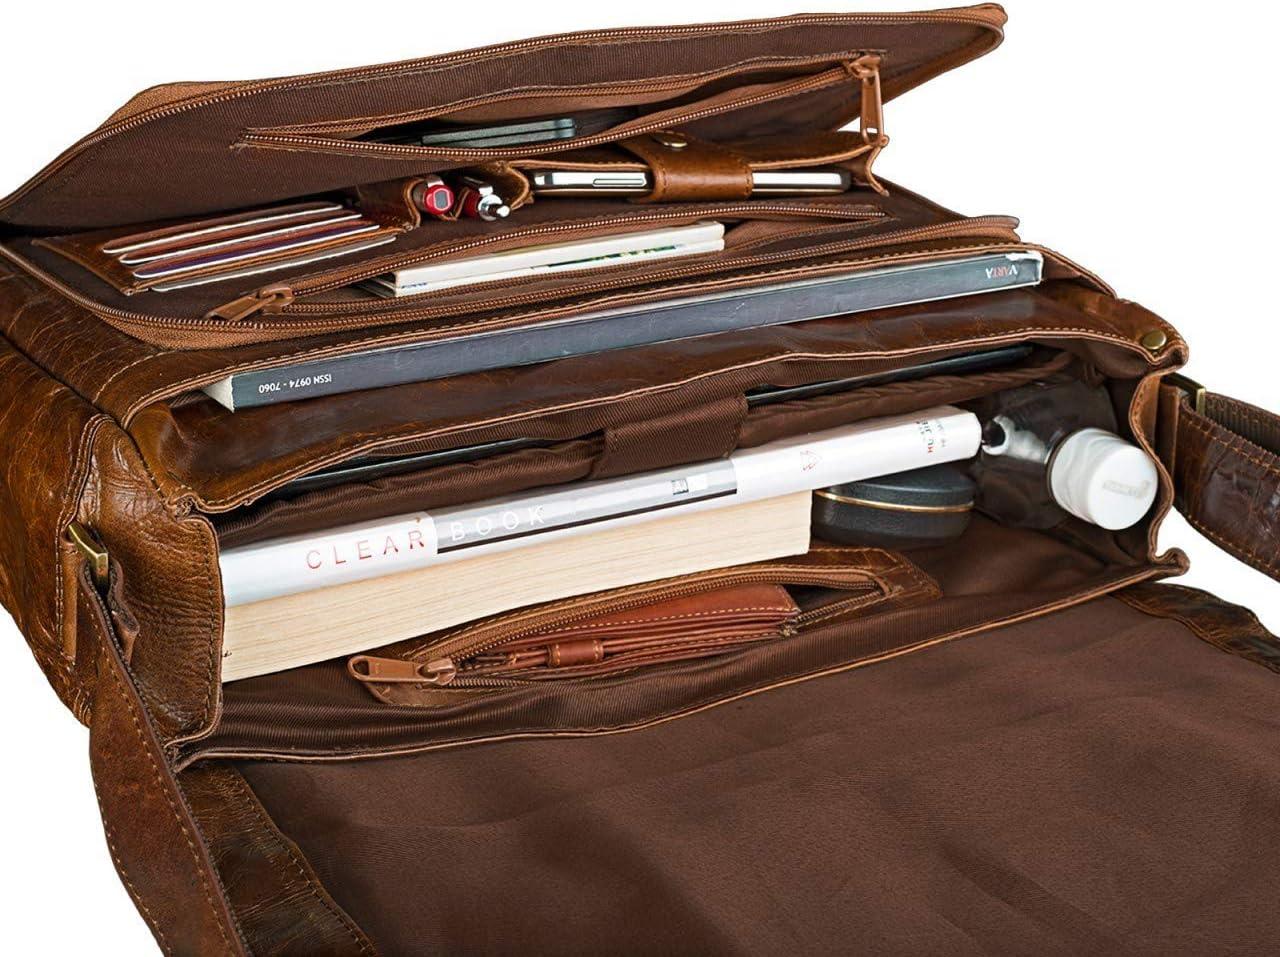 Couleur:Antique Marron STILORD Erik Vintage Sac /à l/Épaule en Cuir PC Portable 15,6 Pouces Sacoche Sac /à Bandouli/ère Besace Sac Messager